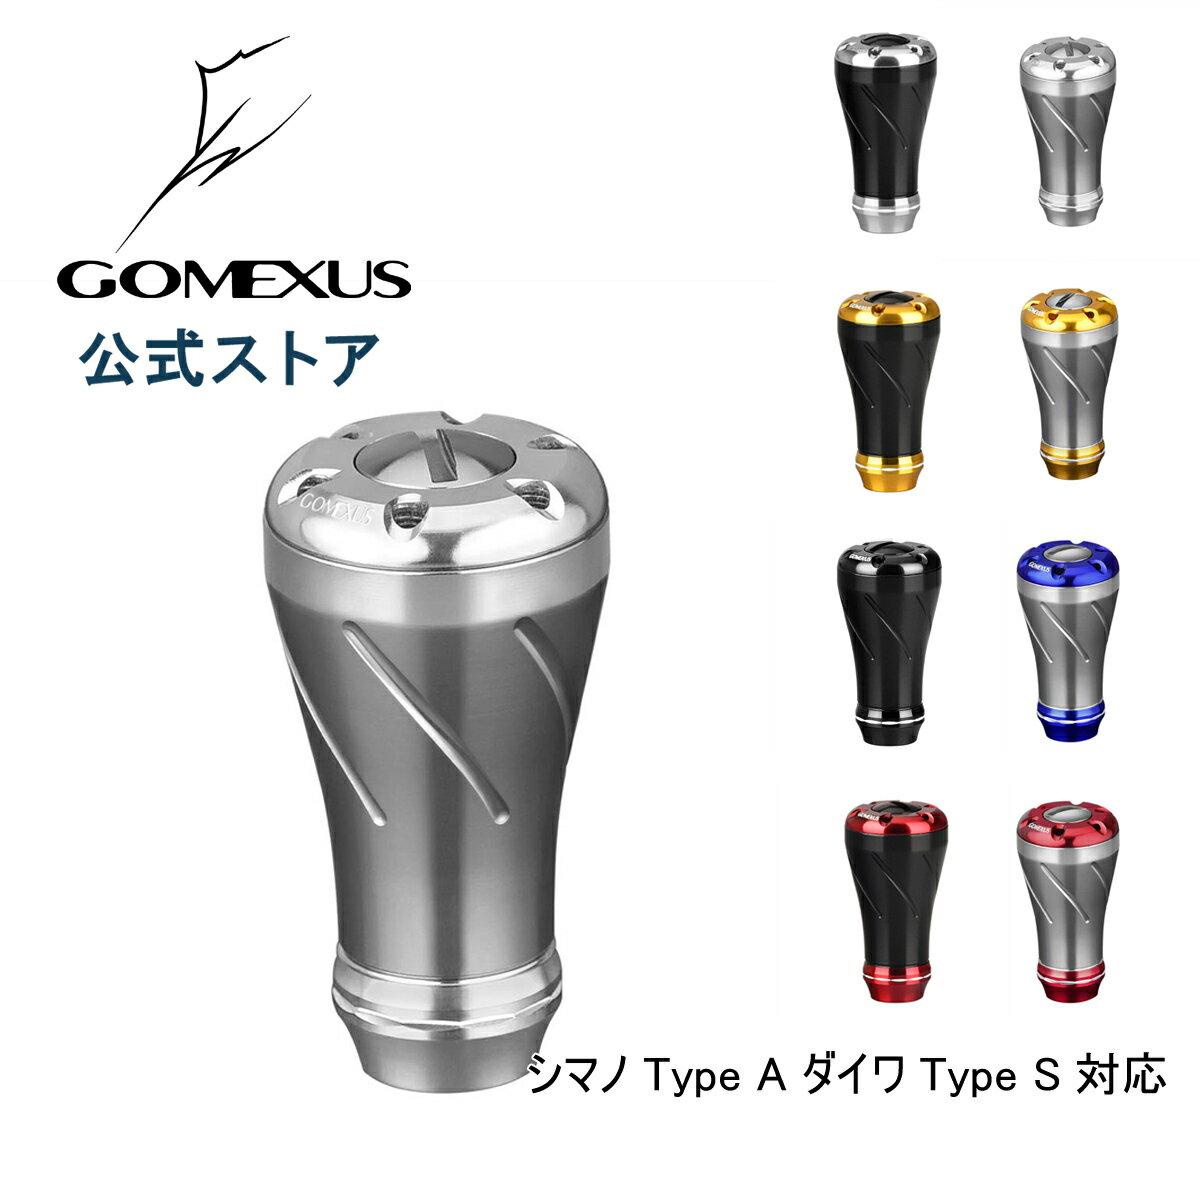 フィッシング, リールパーツ  20mm Shimano TypeA Daiwa Type S 18 LT Gomexus